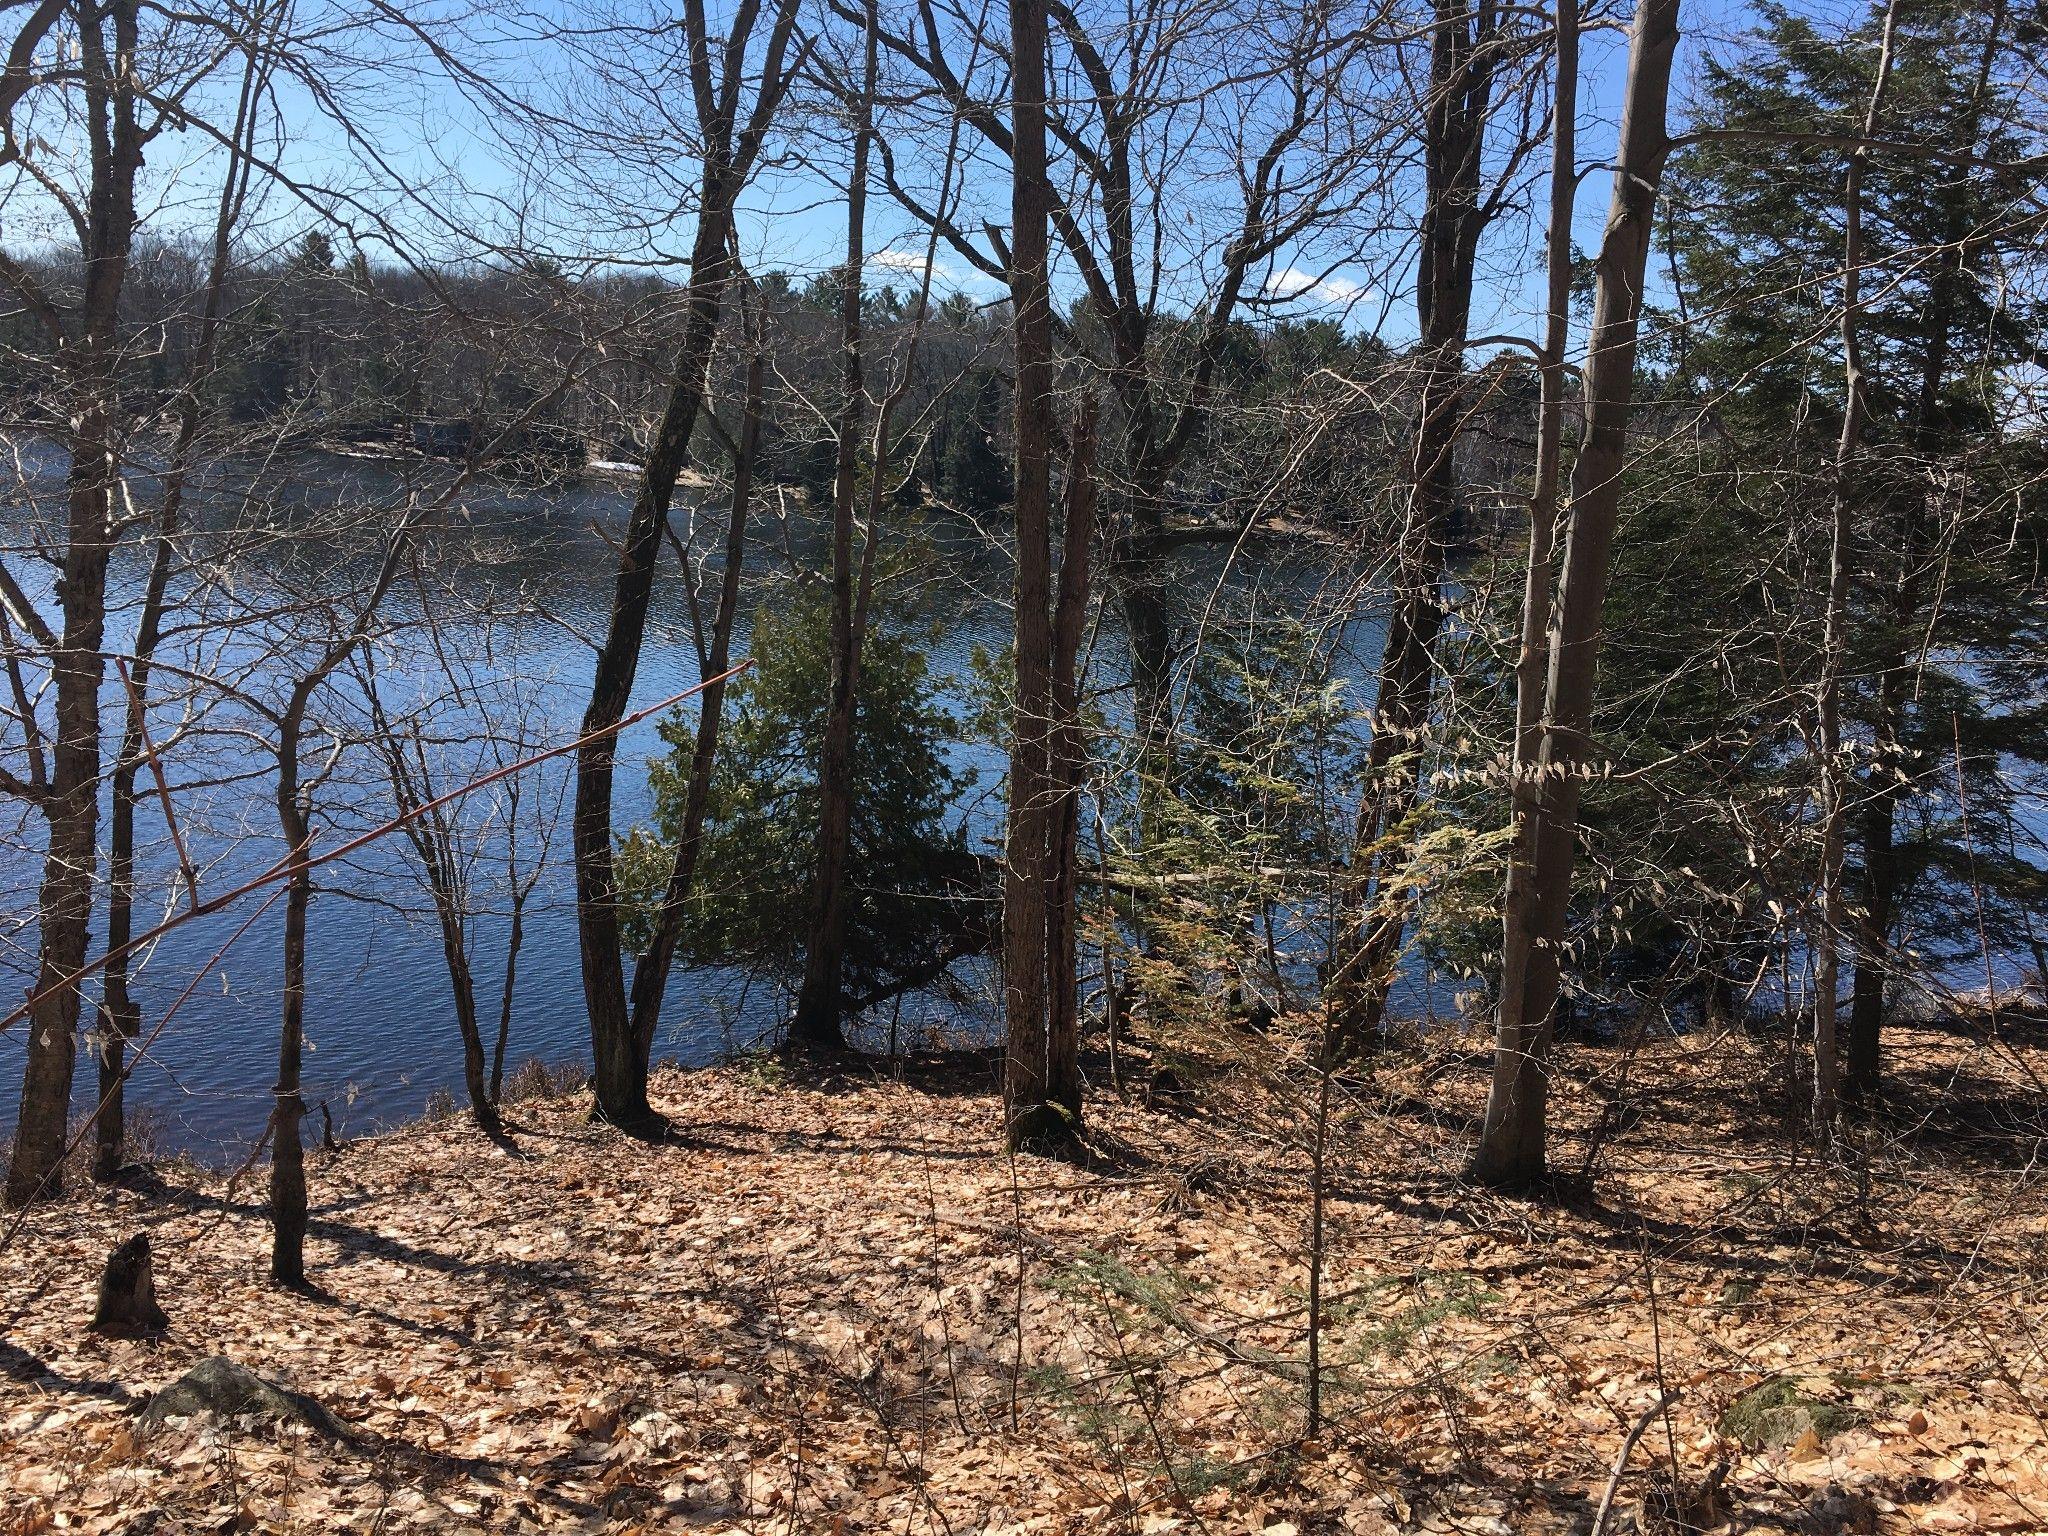 Spring views of lake